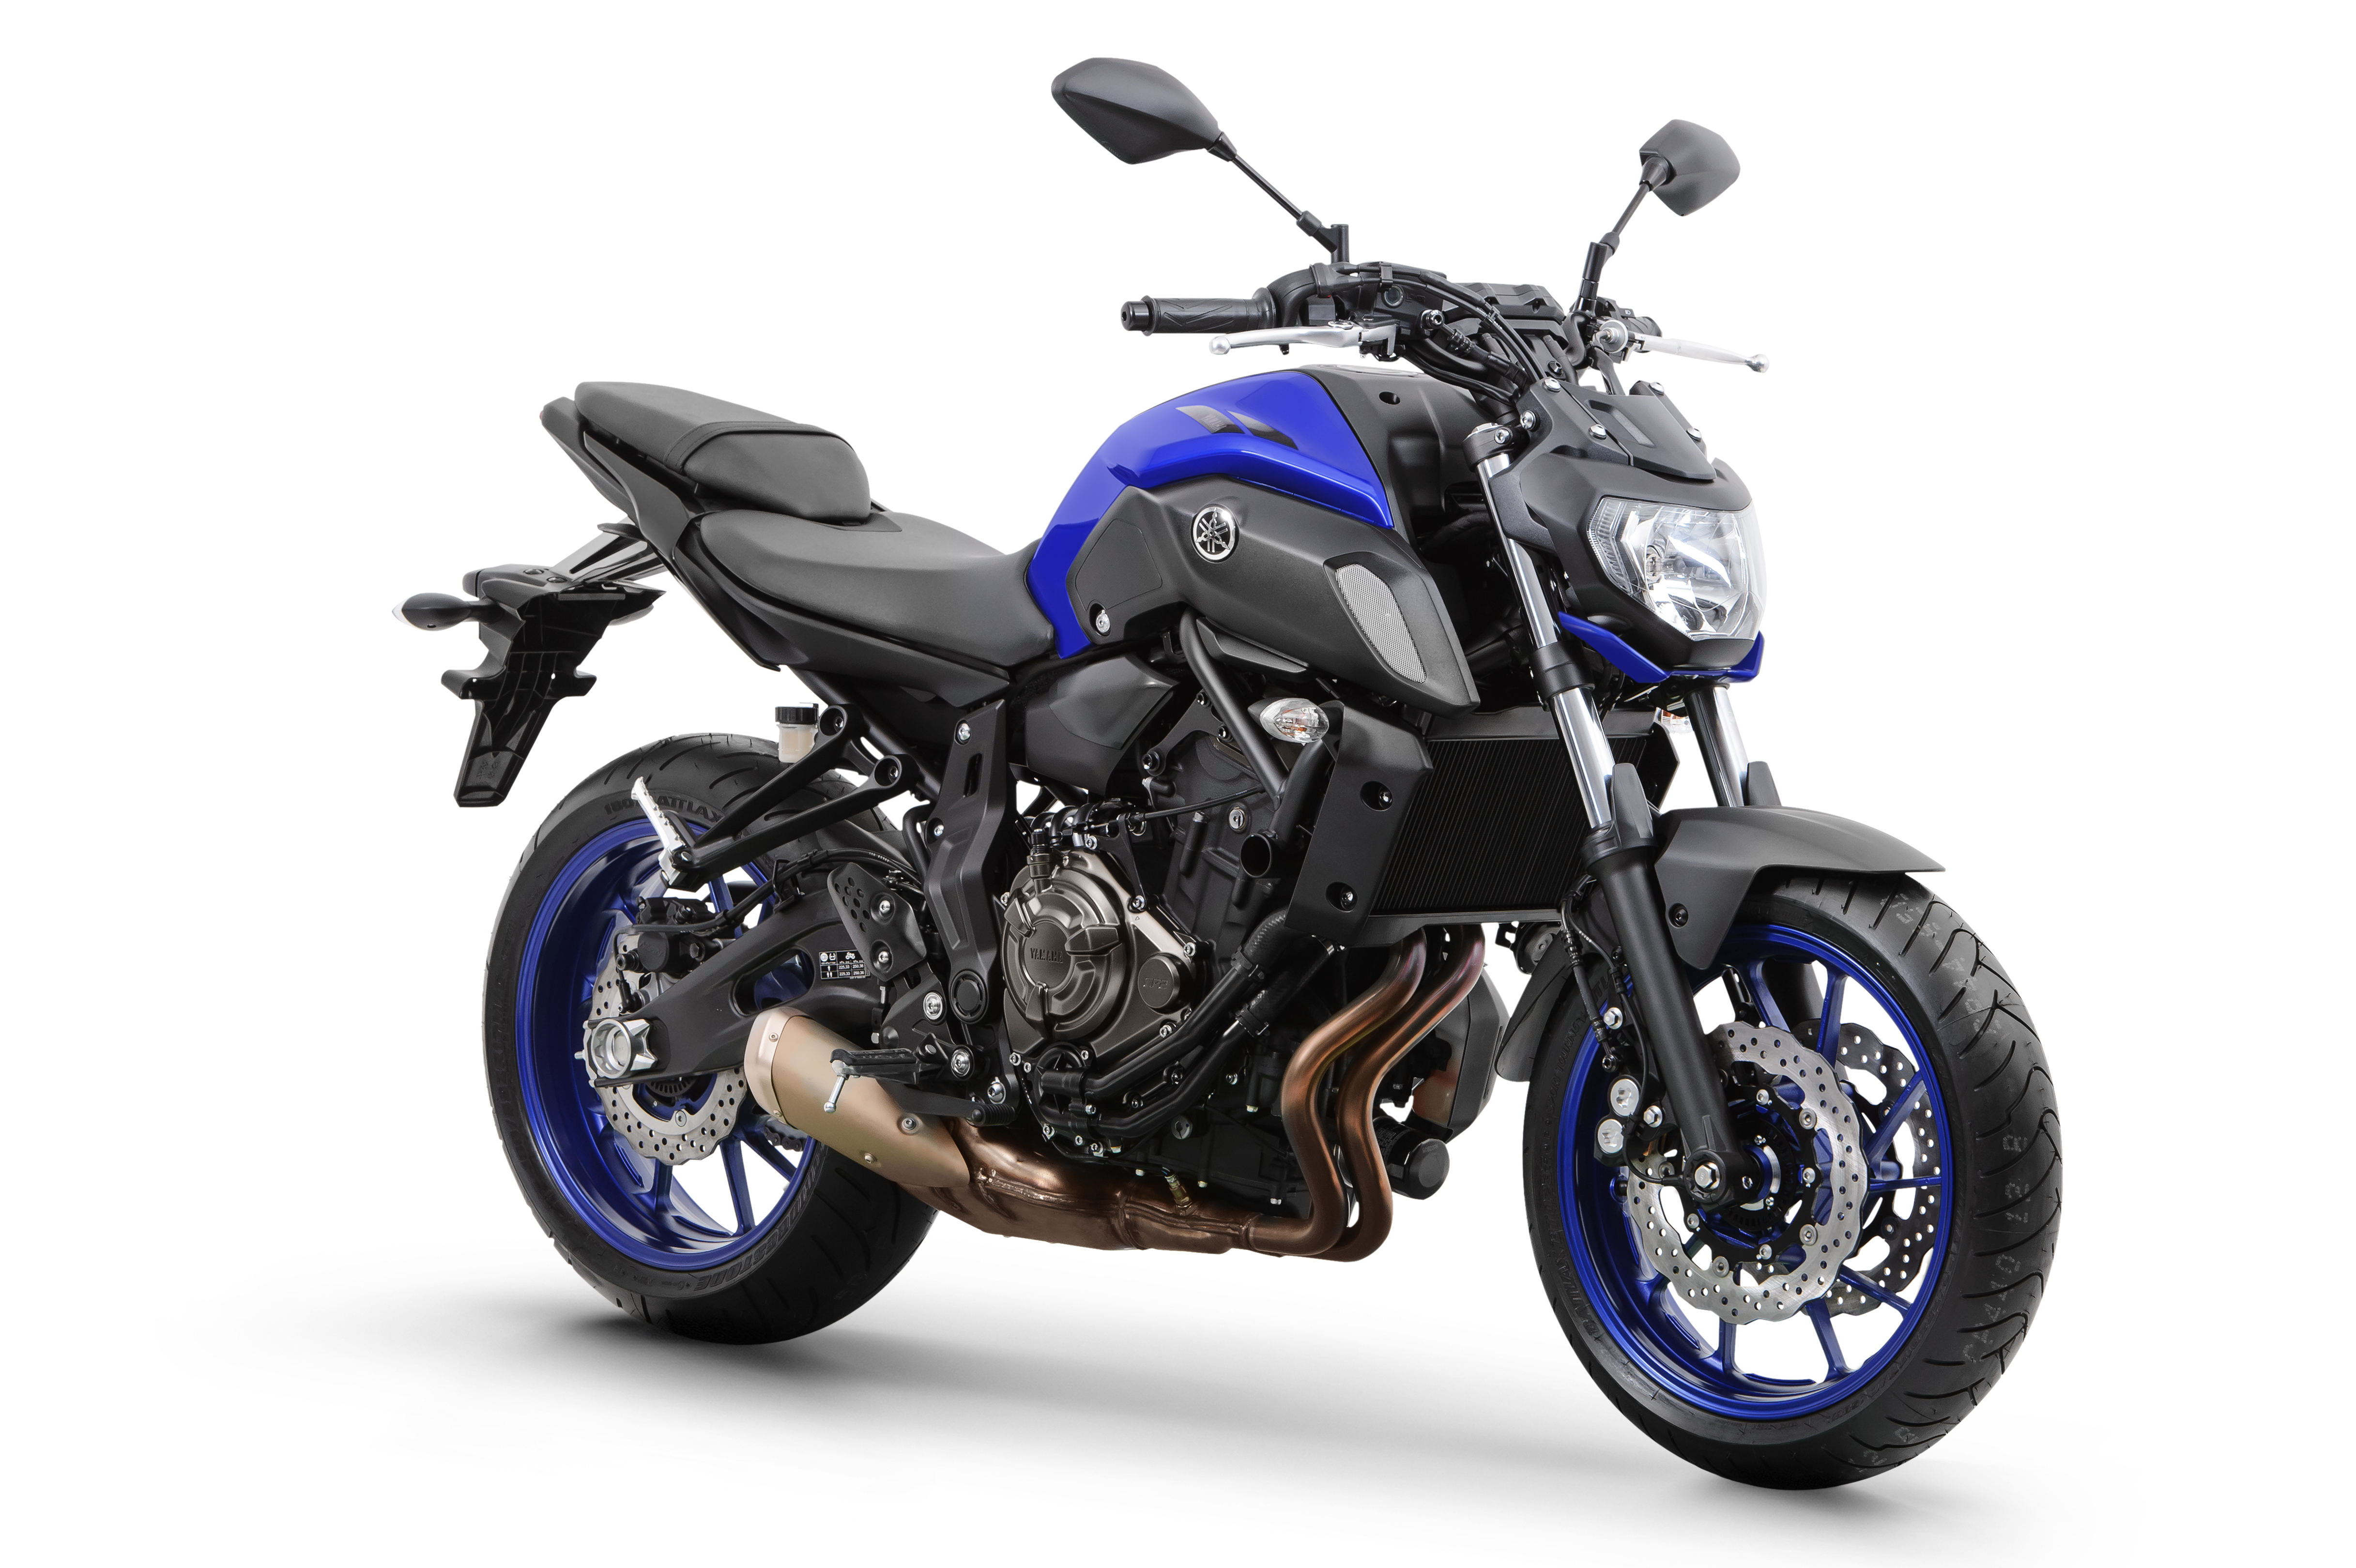 Moto_MT-07_ABS_2020_3-4_RACING_BLUE